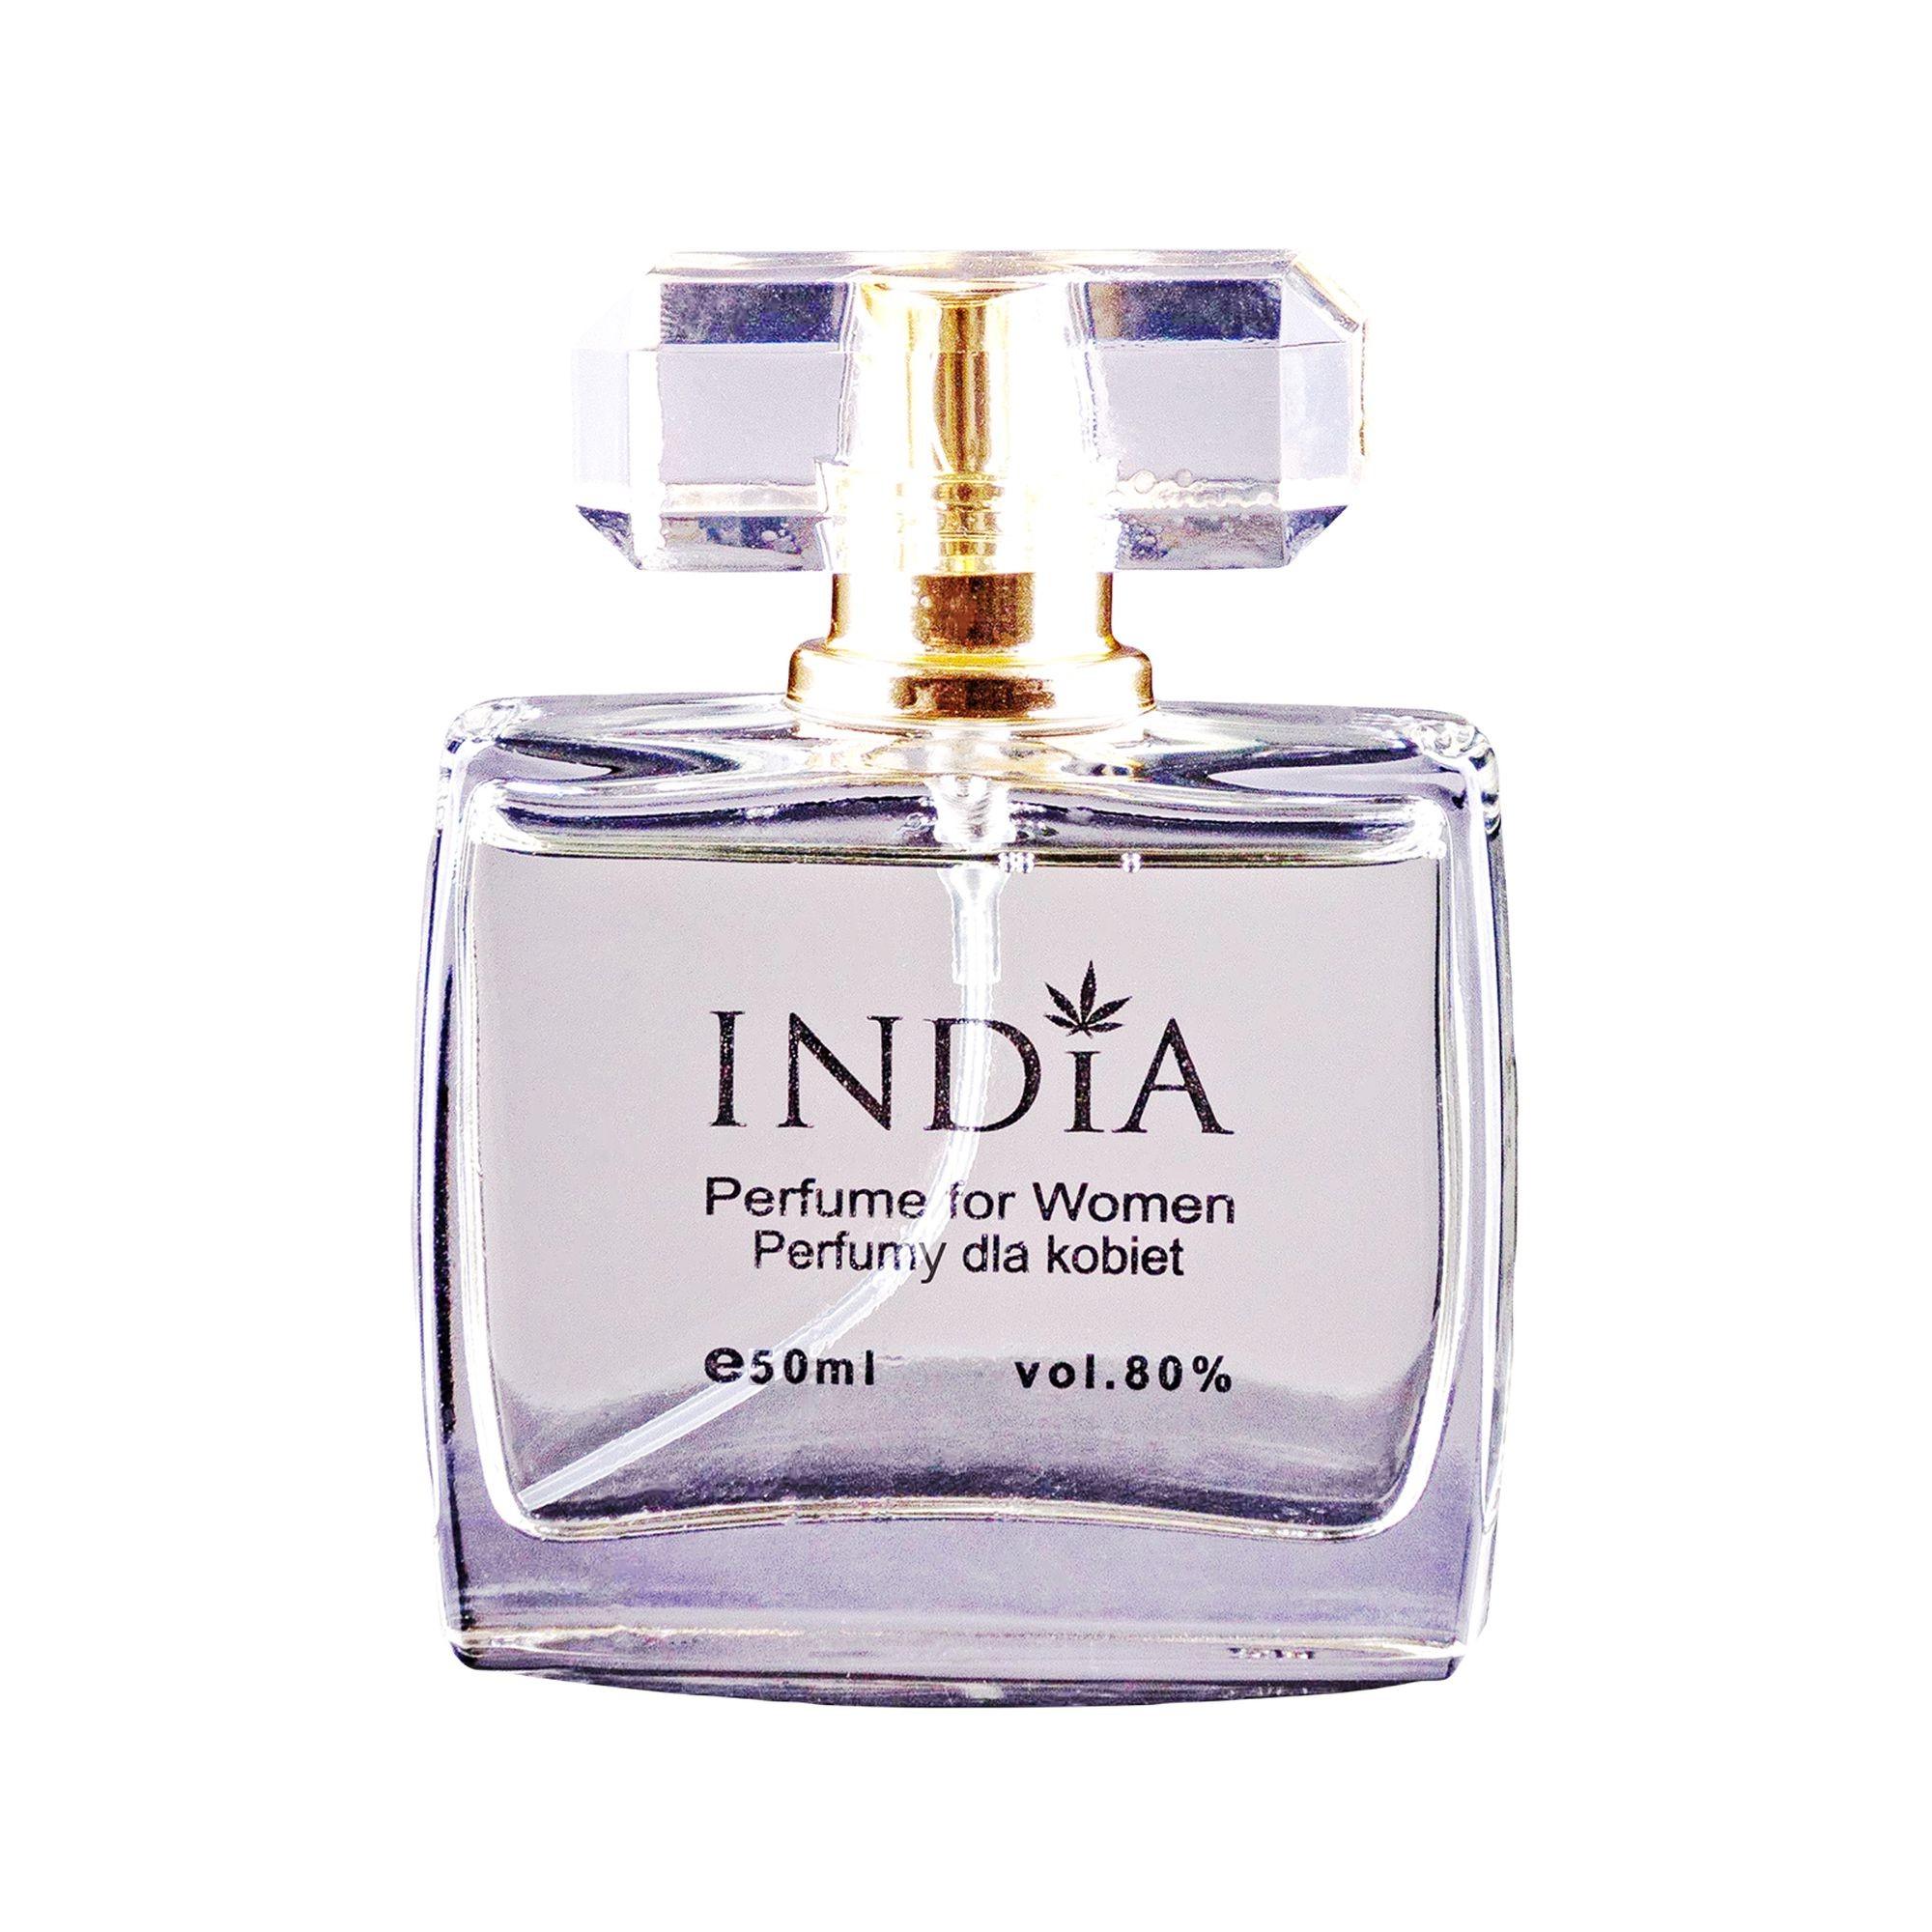 Damen-Parfüm mit einem Hauch von Hanf von India Cosmetics